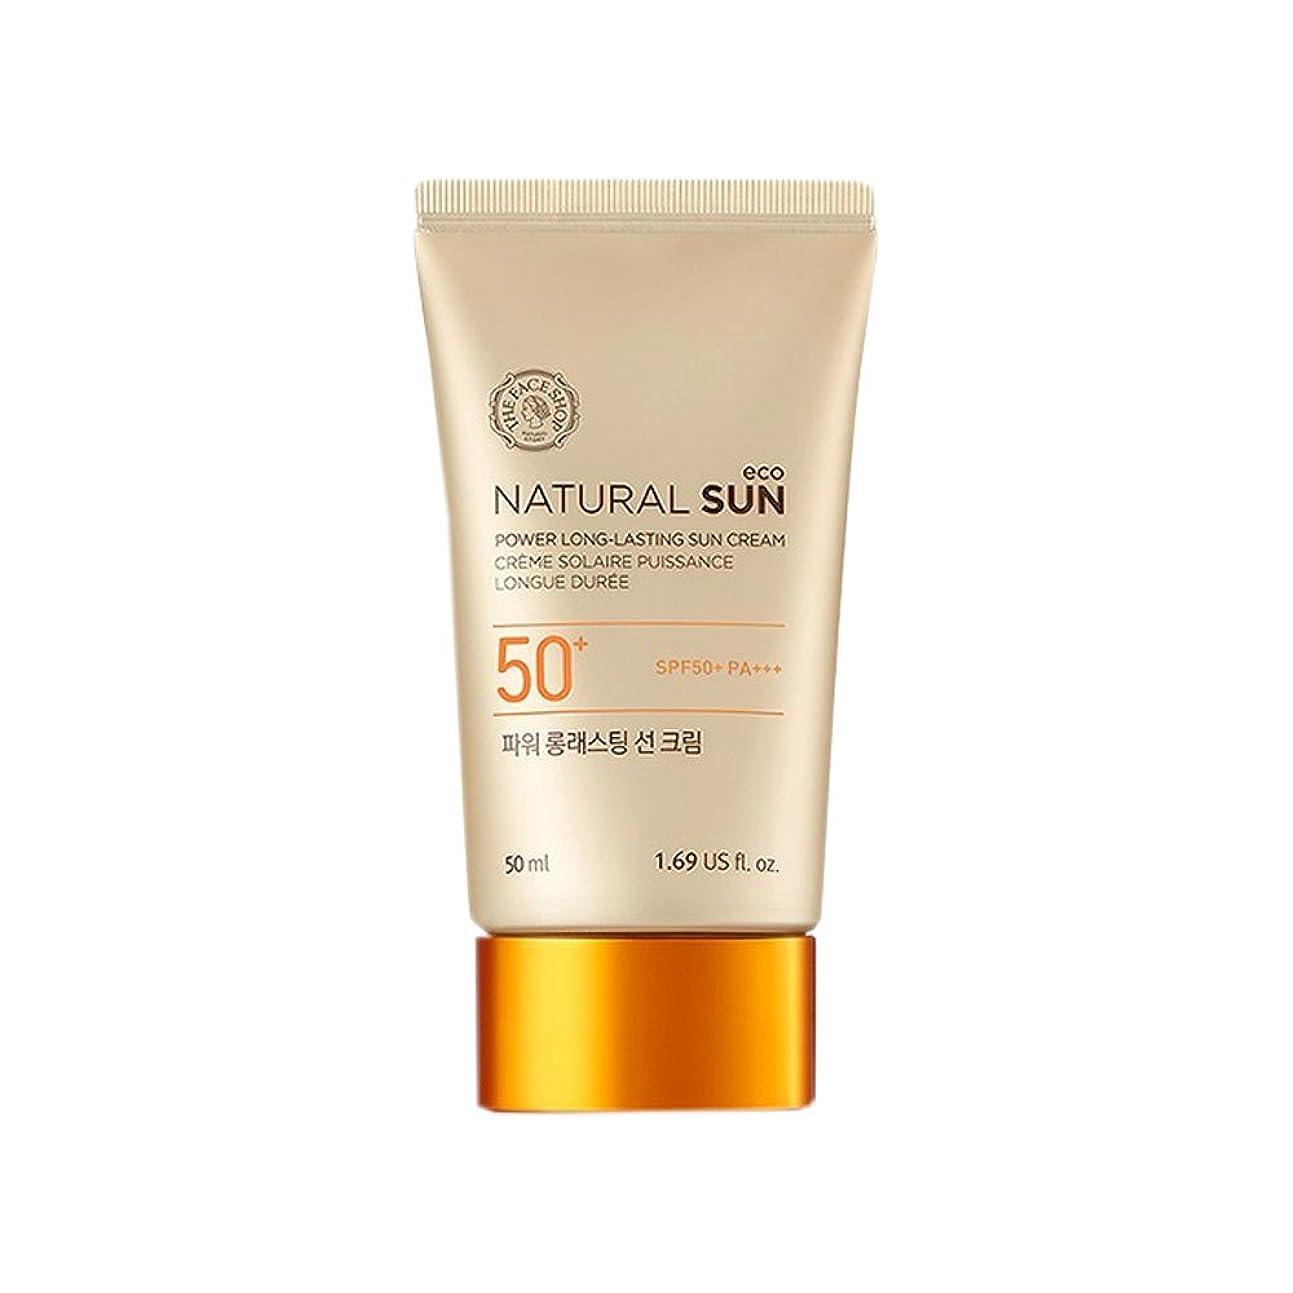 パーティーこどもセンター致命的な[ザ?フェイスショップ] The Face Shop ナチュラルサン エコ パワー ロングラスティング サン クリーム SPF50+PA+++50ml The Face Shop Natural Sun Eco Power Long-Lasting Sun SPF50+PA+++50ml [海外直送品]